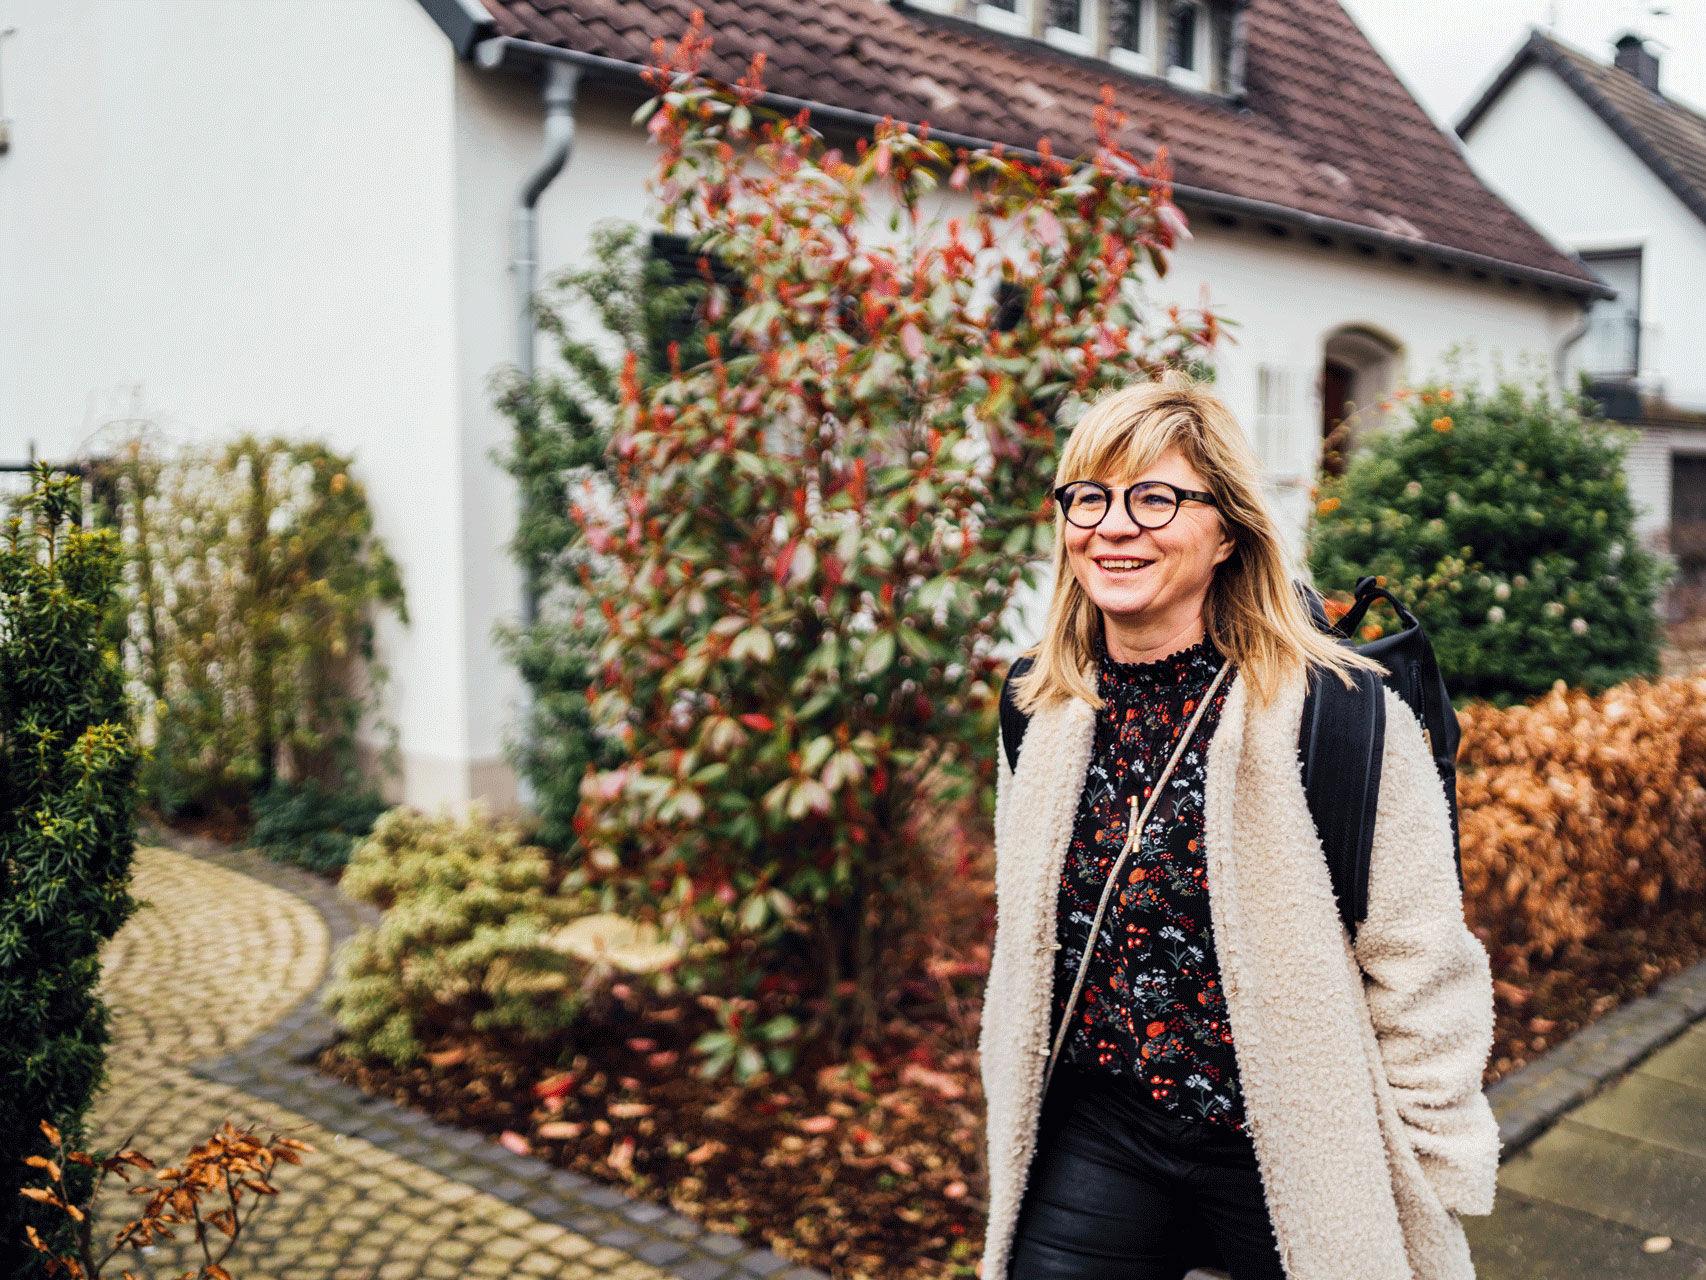 Von den Gehwegen Dortmunds aus gibt es für UmsteiGERN-Botschafterin Sebina einiges zu entdecken